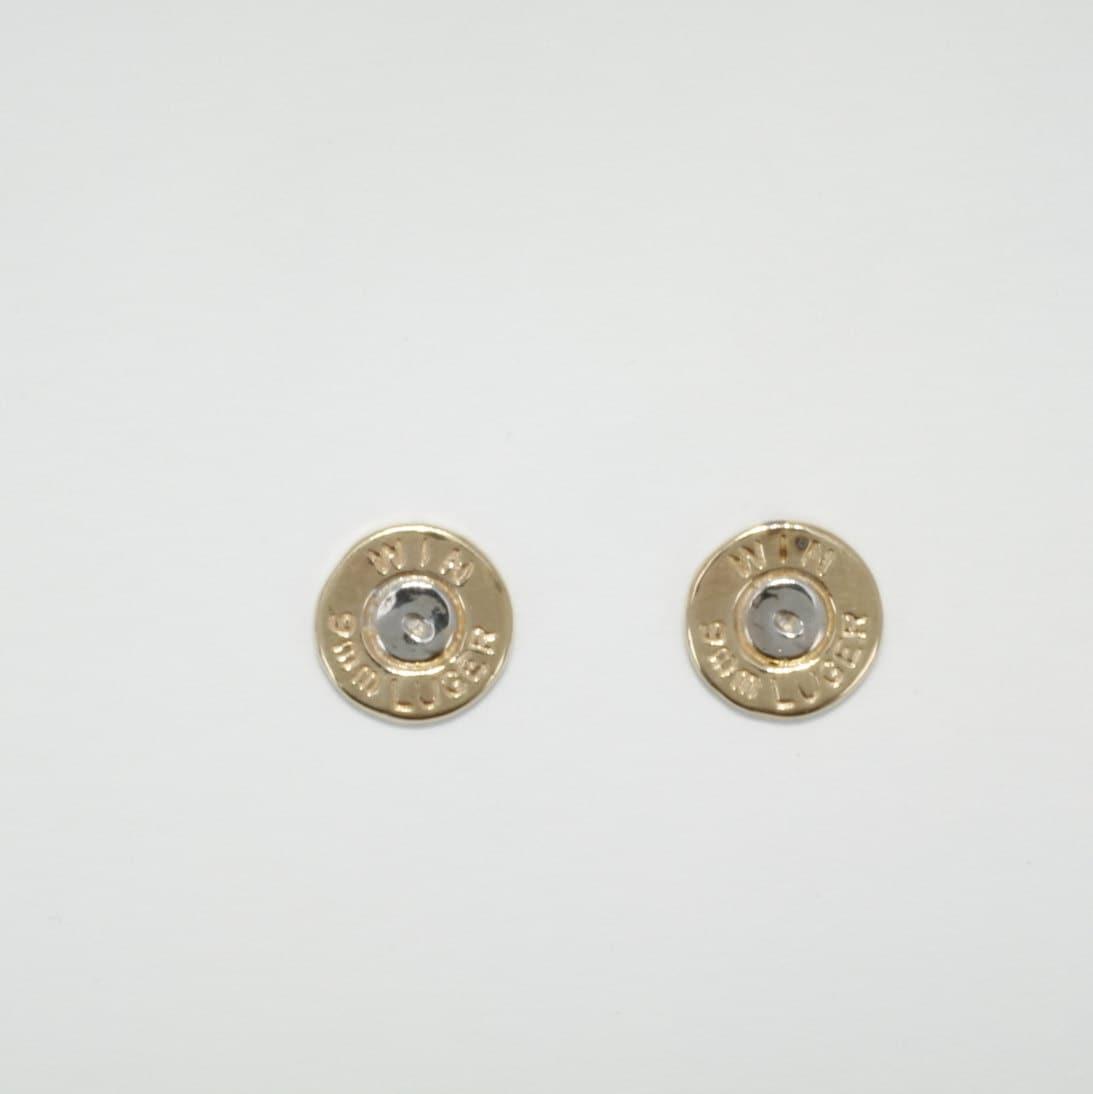 9mm bullet jewelry earrings 14kt yellow gold 9mm bullet stud